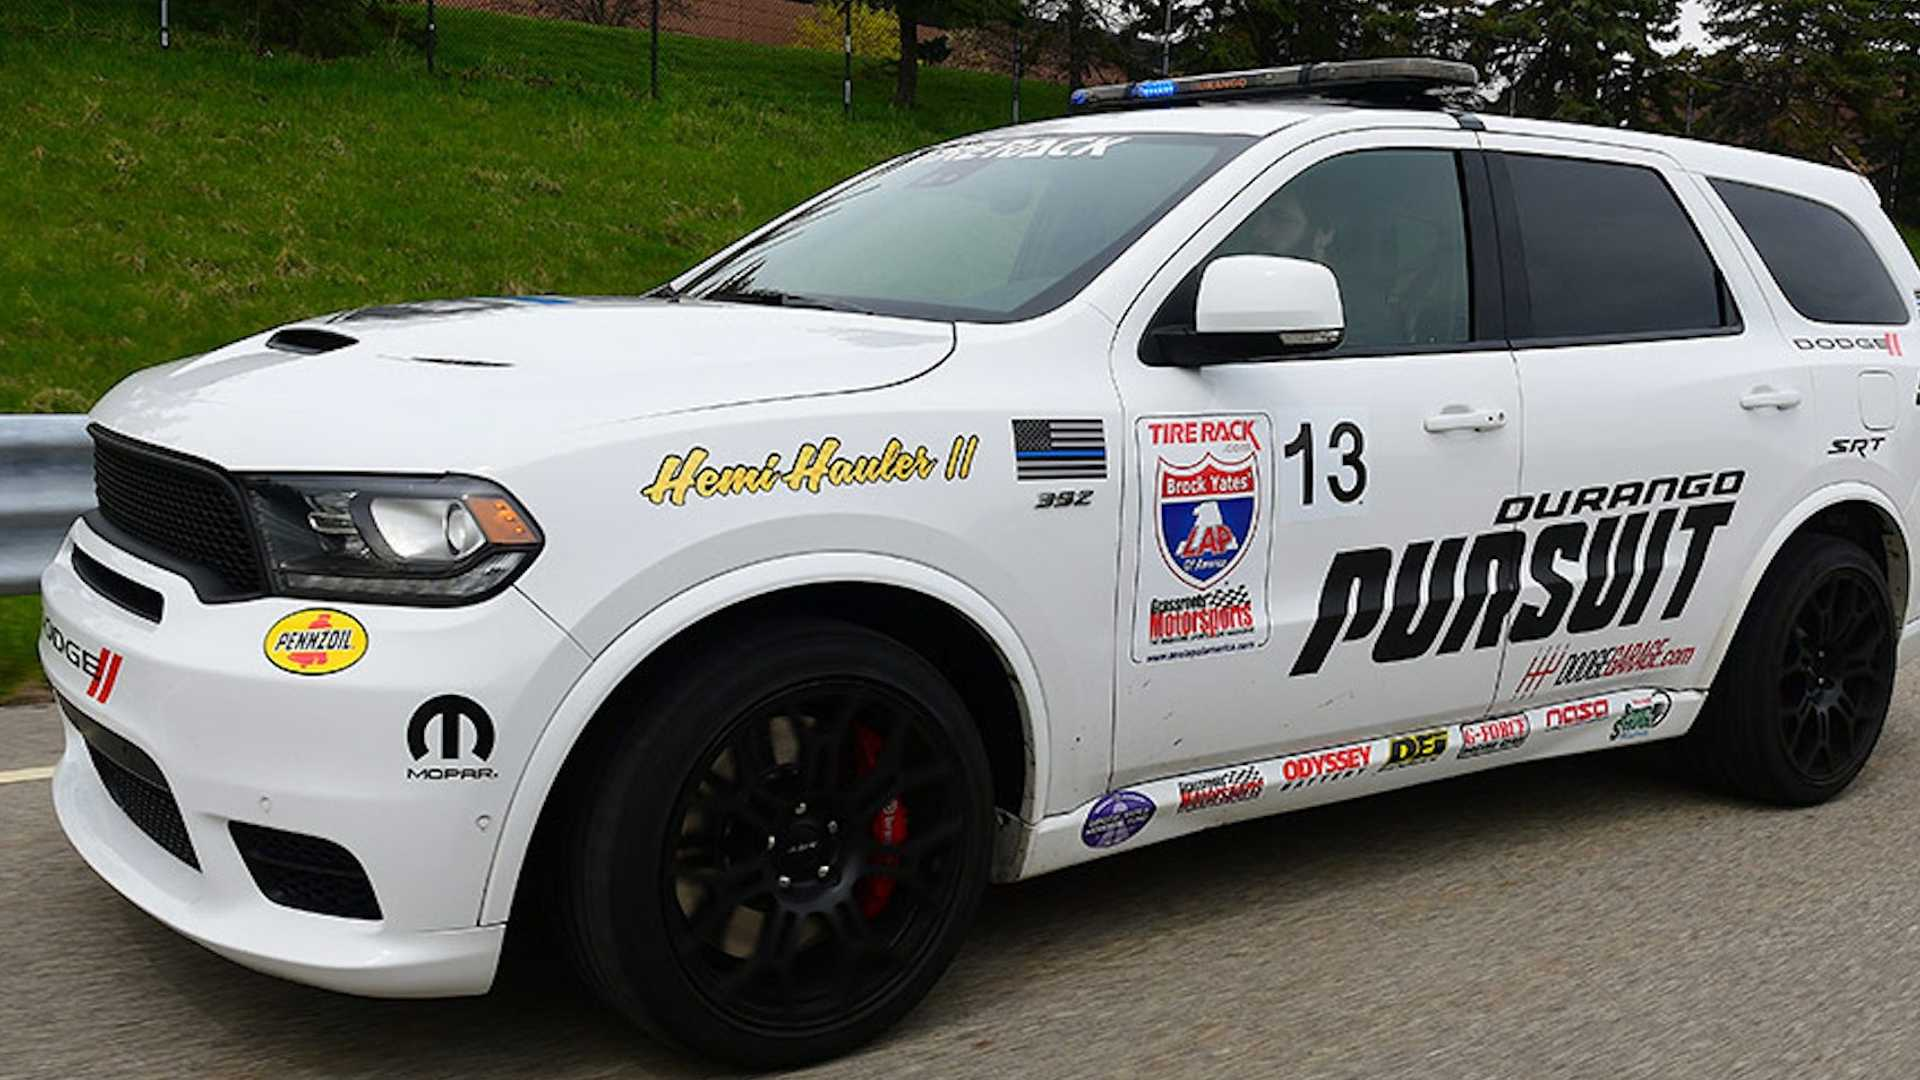 Dodge превратил Durango SRT в 797-сильный внедорожник Pursuit Speed Trap 2